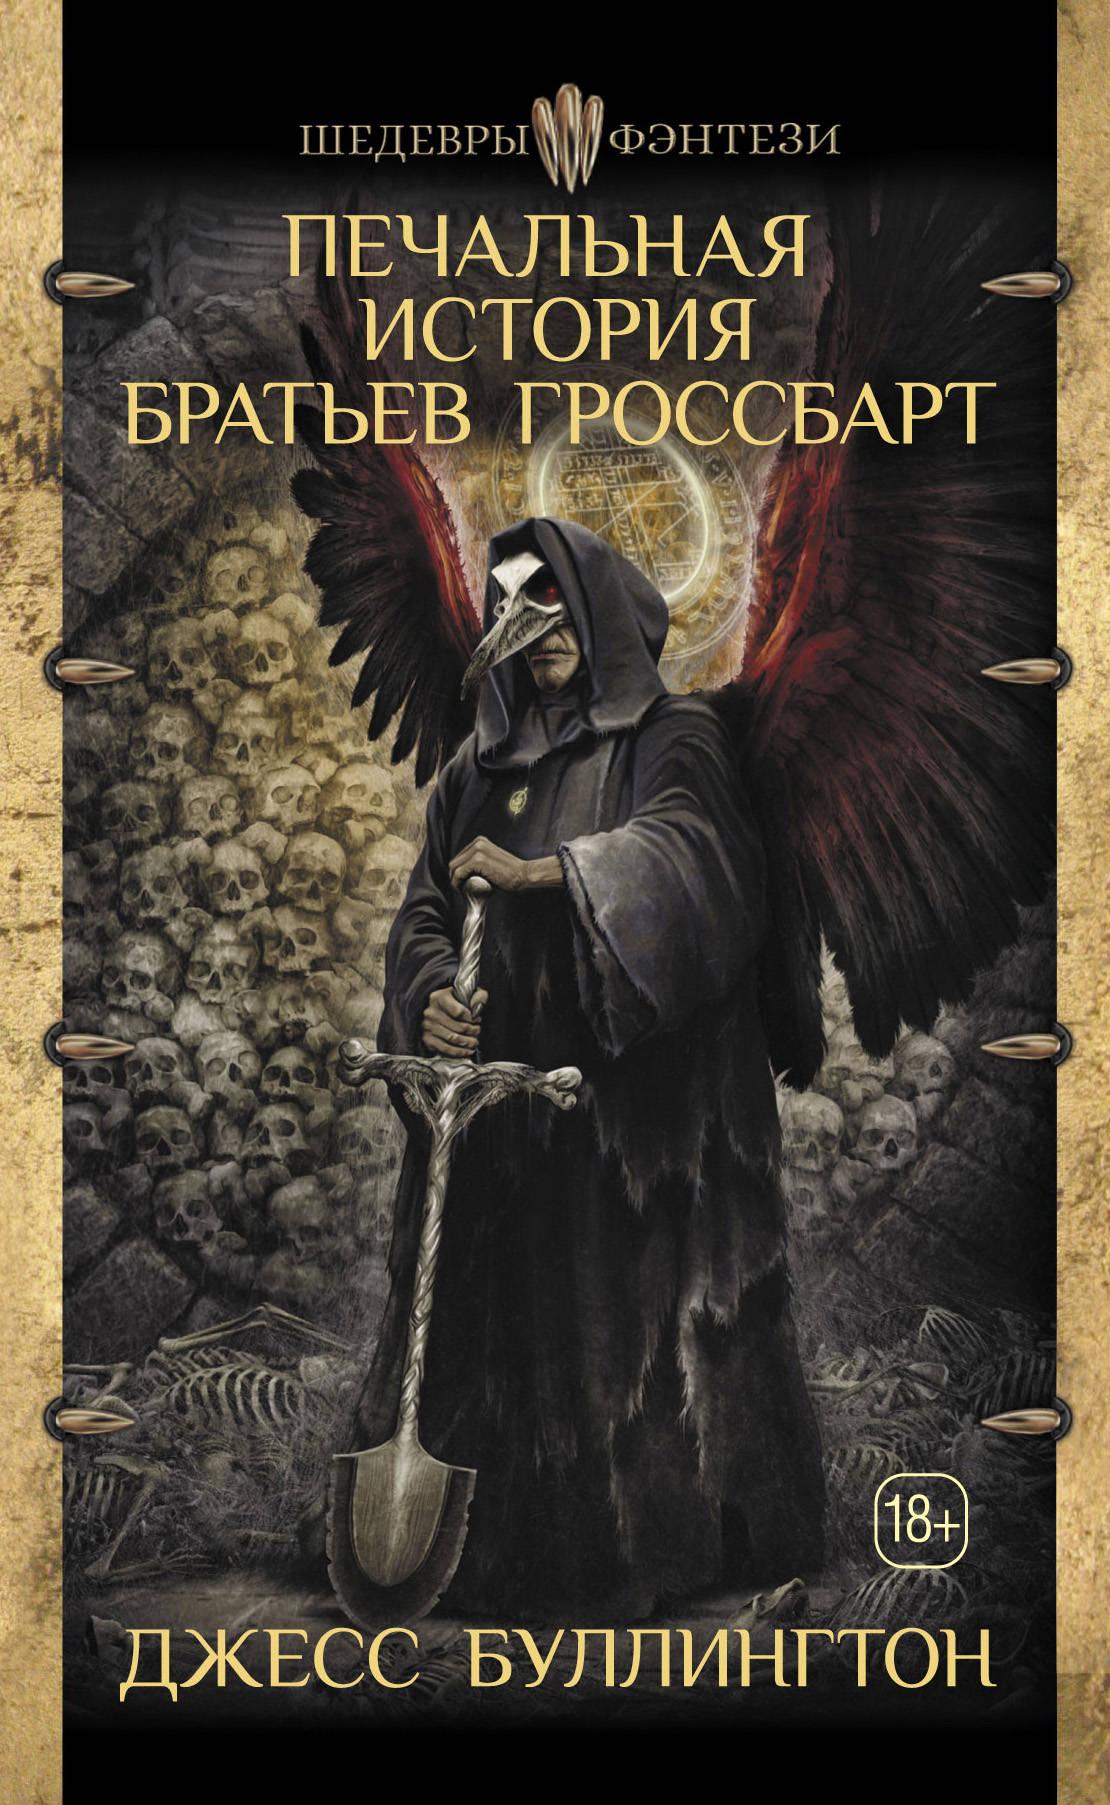 Книга Печальная история братьев Гроссбарт